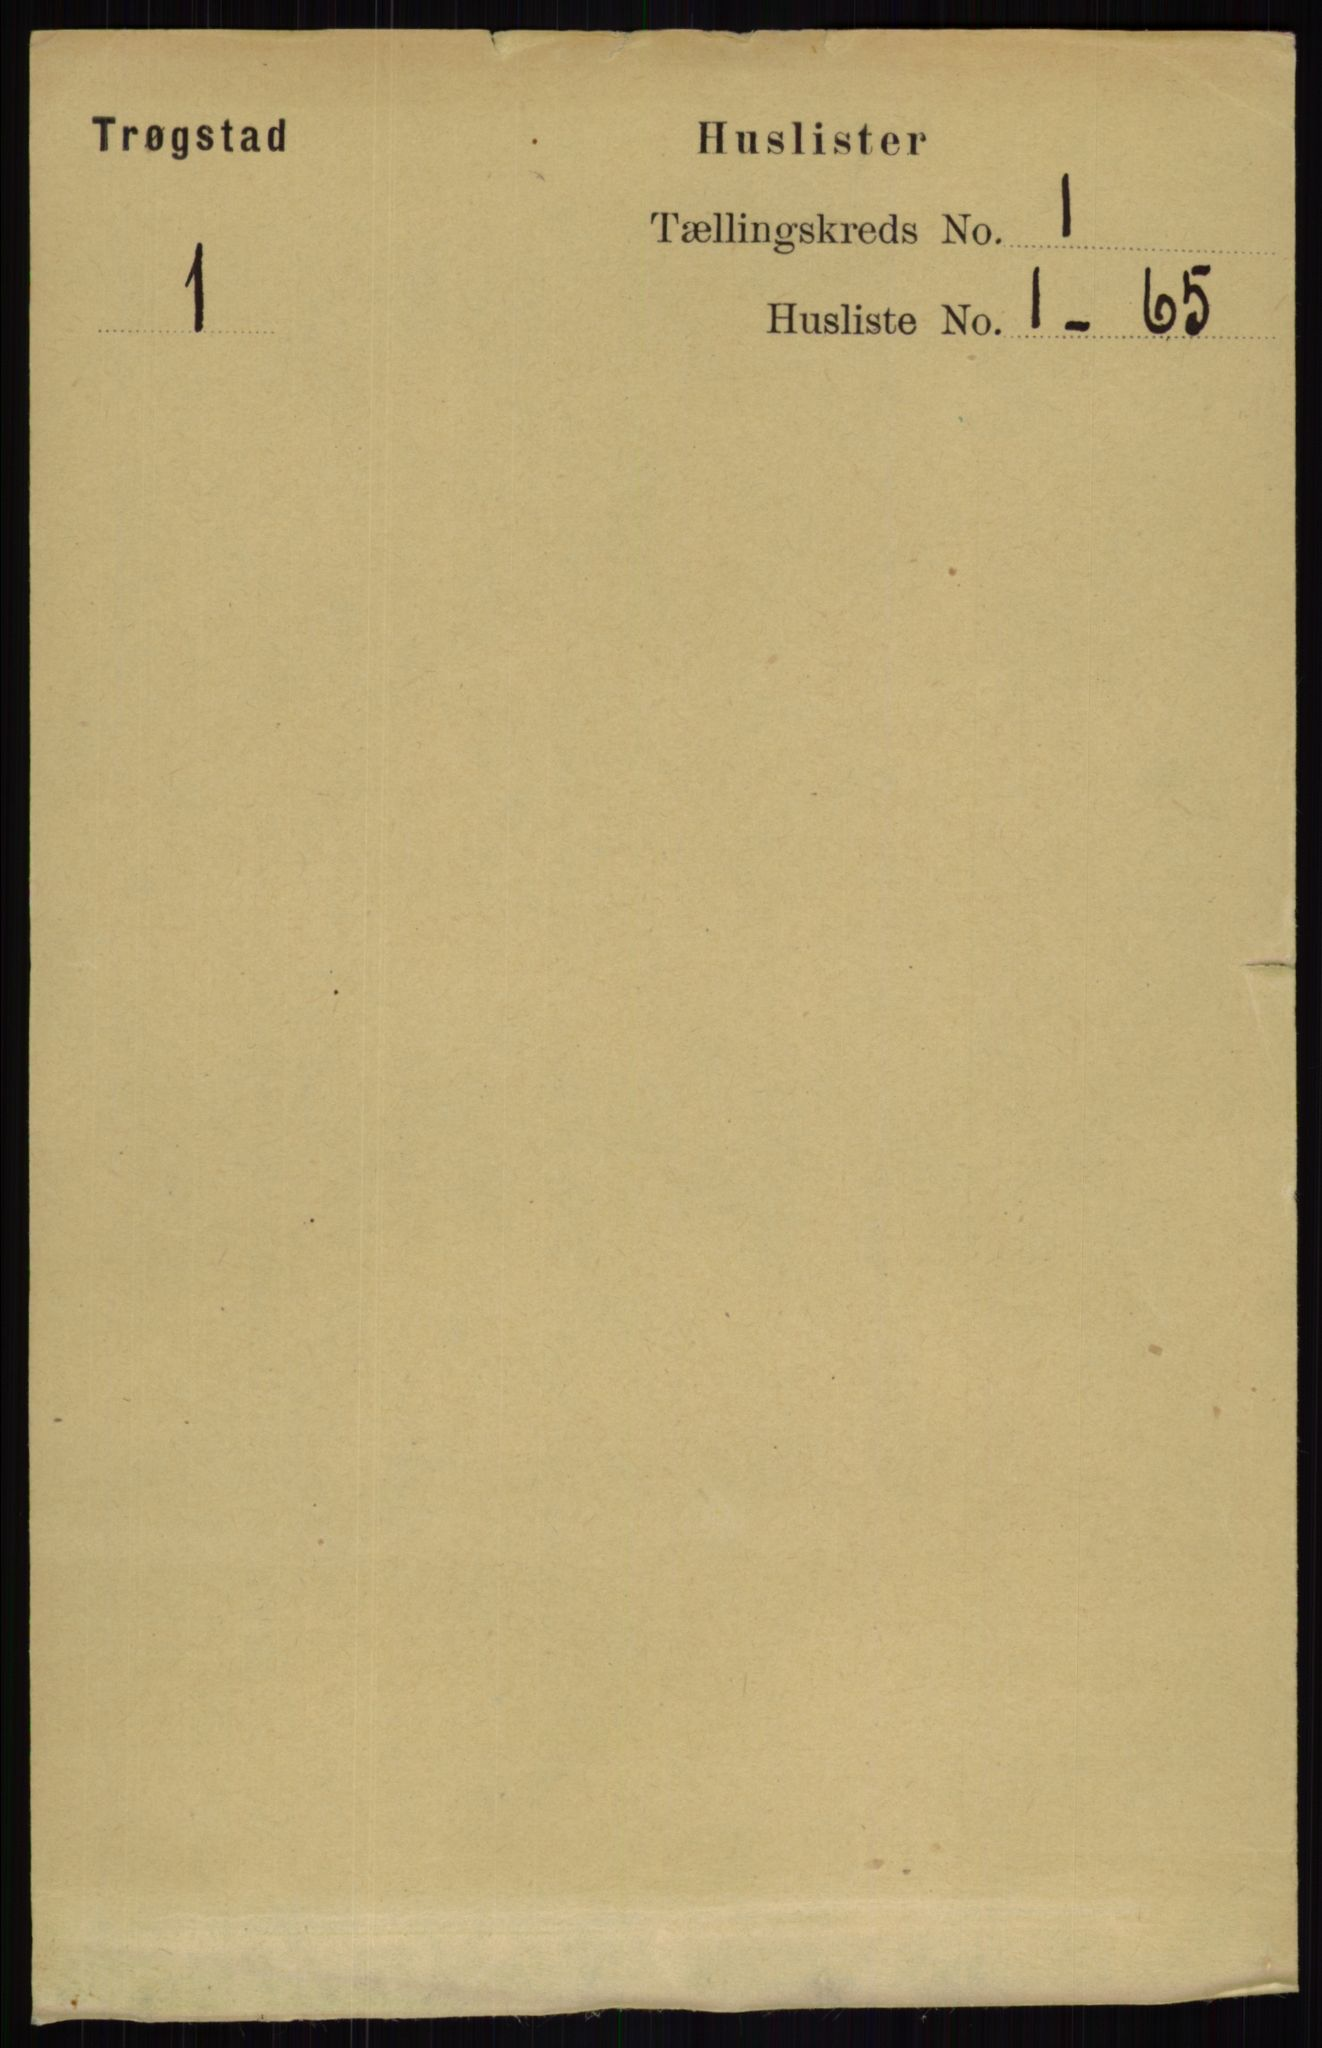 RA, Folketelling 1891 for 0122 Trøgstad herred, 1891, s. 28